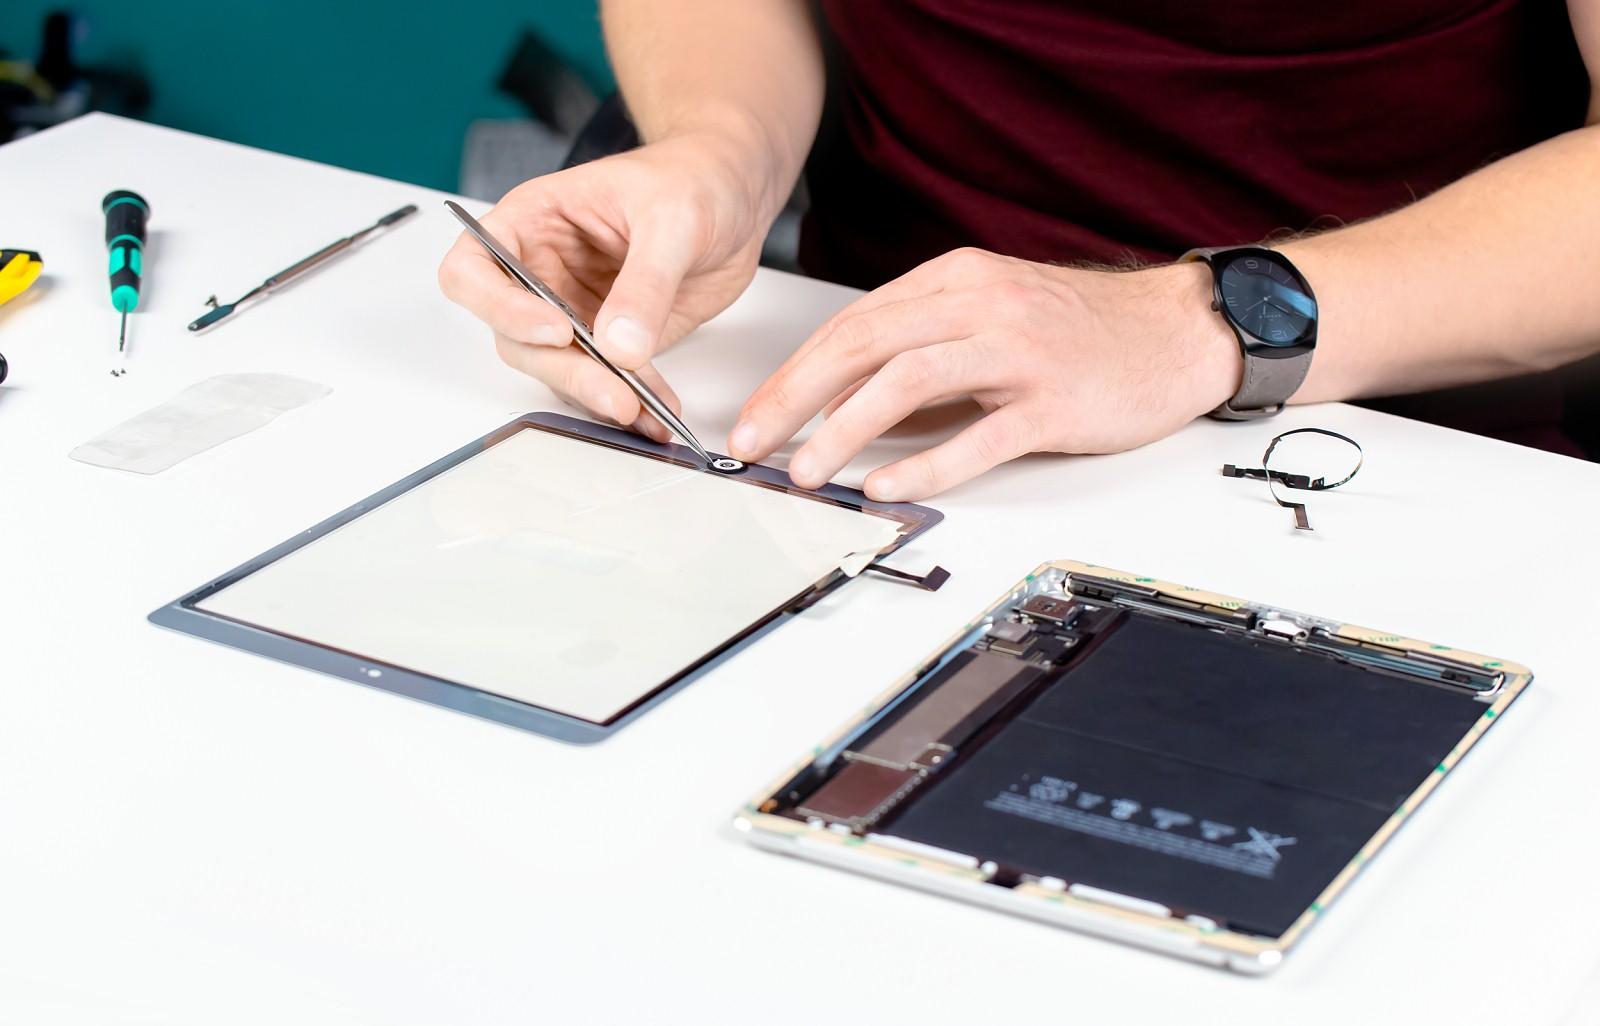 Как самостоятельно починить или улучшить работу своей техники